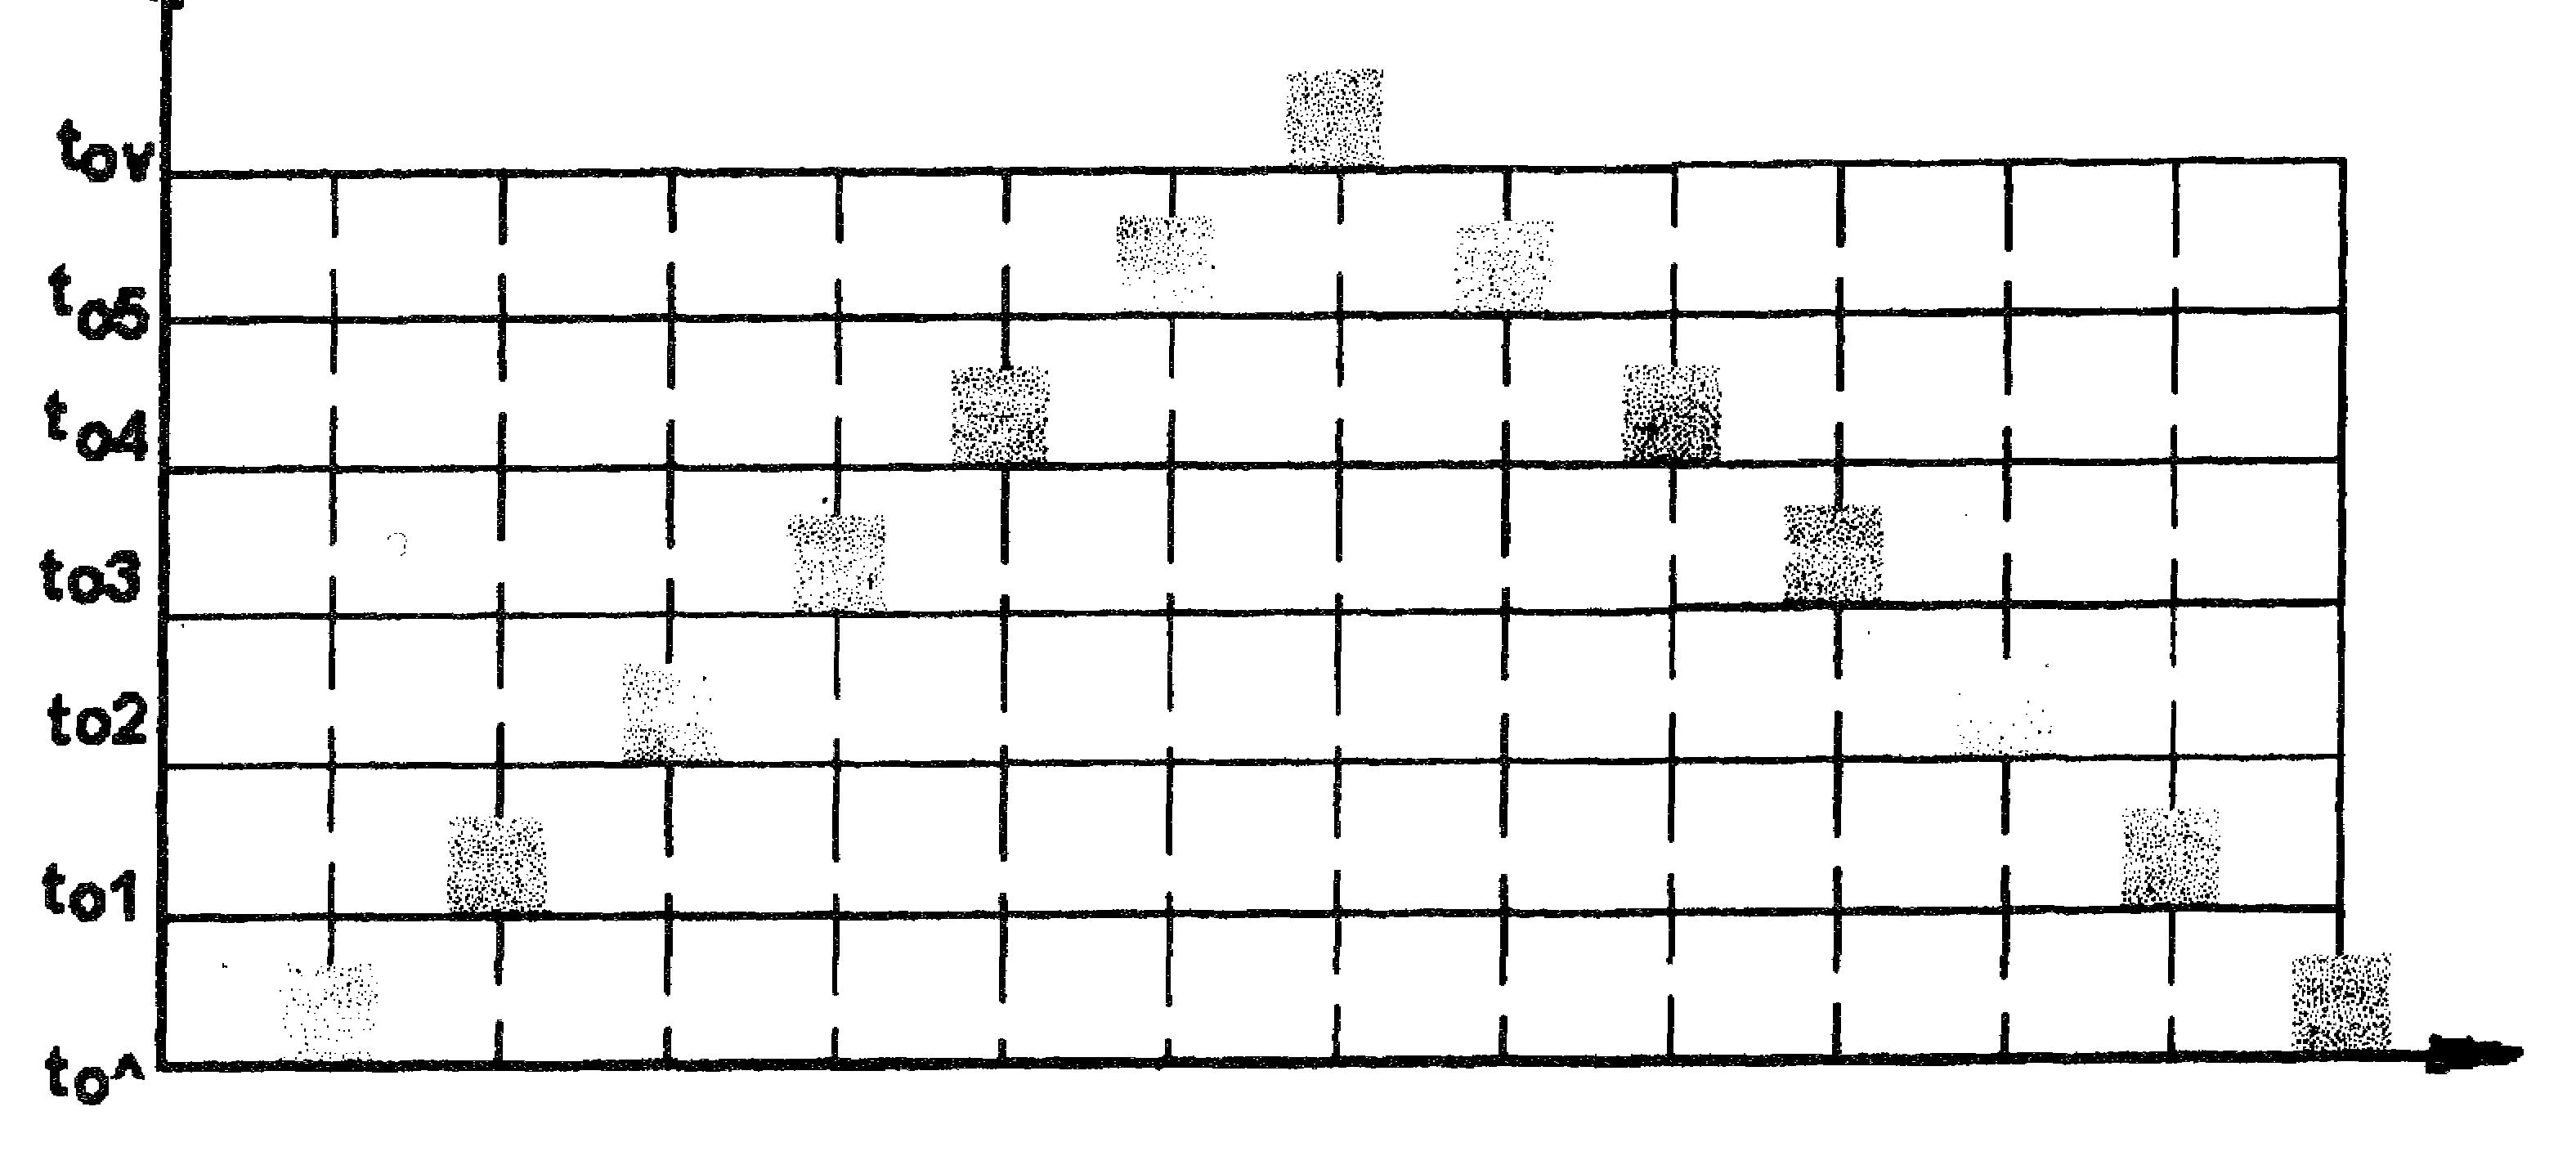 маятниковая схема движения